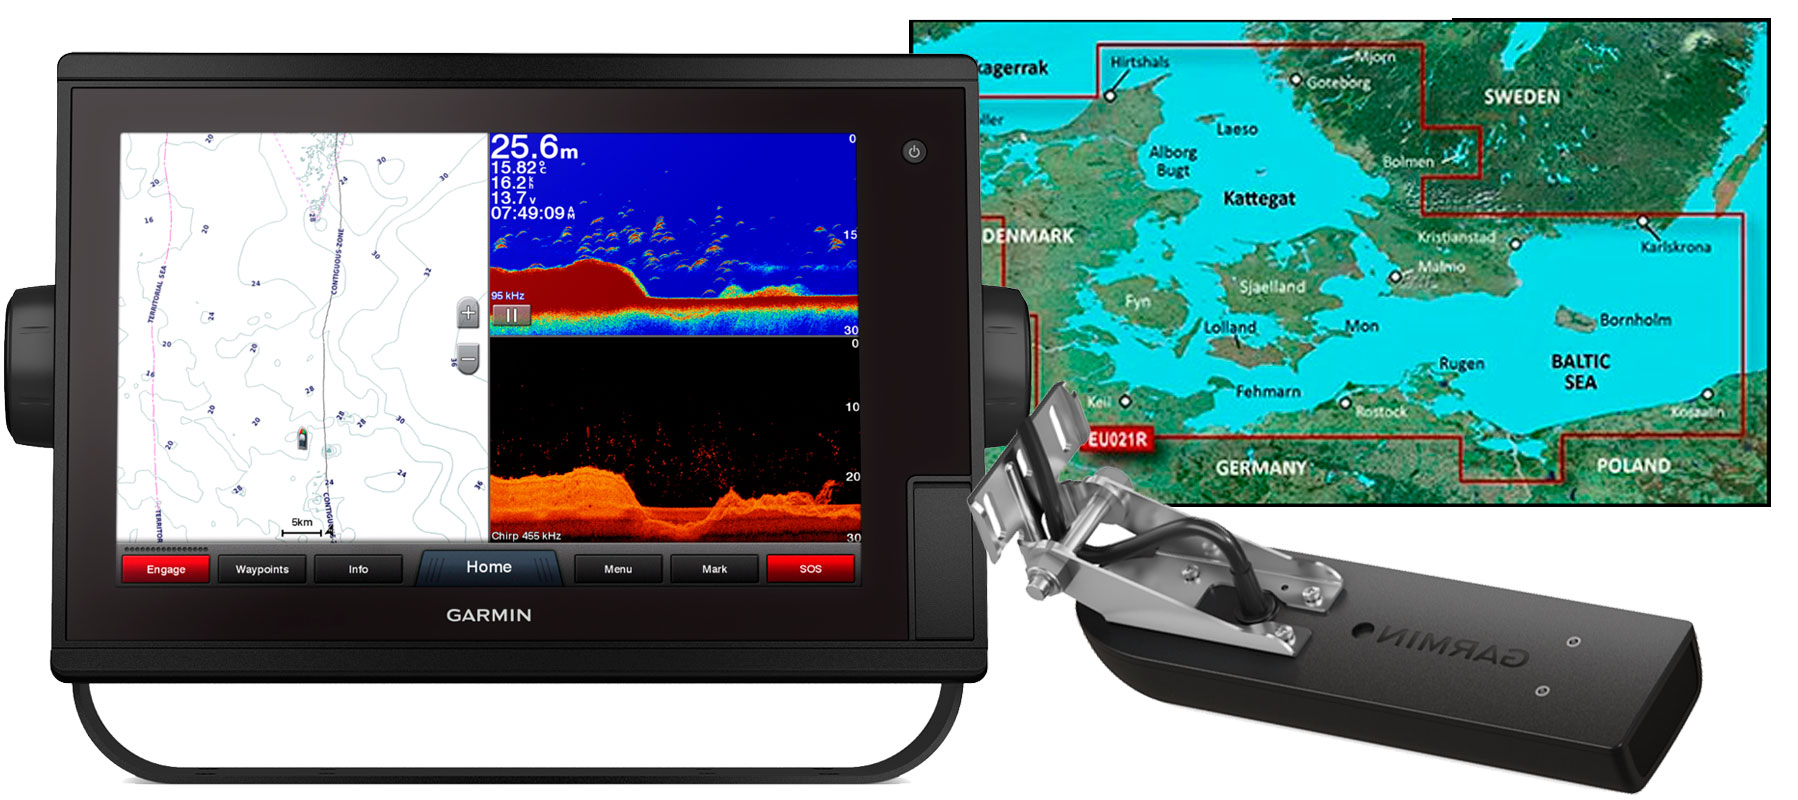 Garmin GPSmap 1222xsv Plus, hxe021r og GT51M-TM